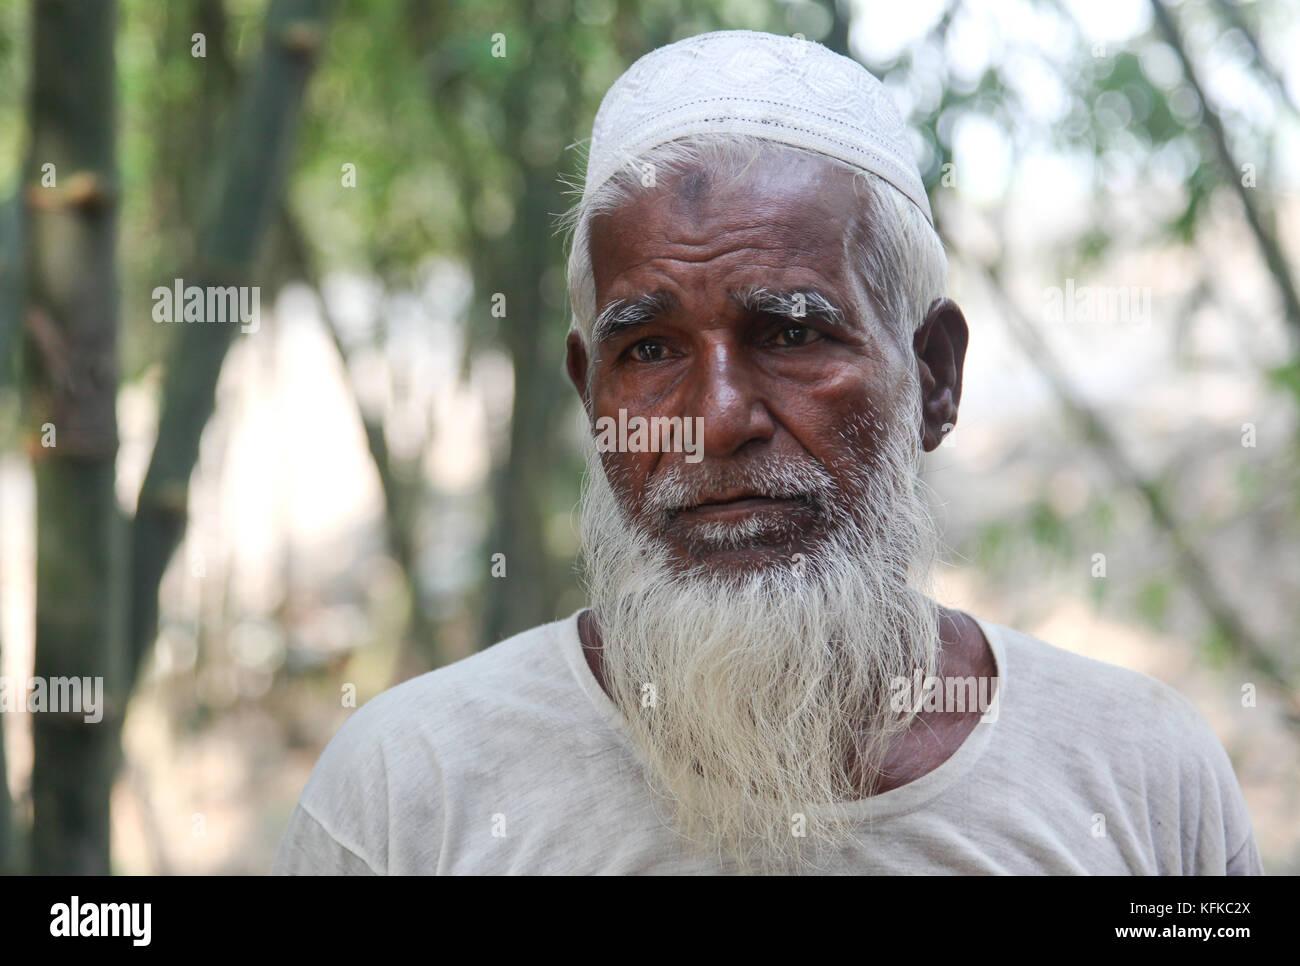 Elderly muslim man, Kalua village, Kurigram District, Bangladesh - Stock Image